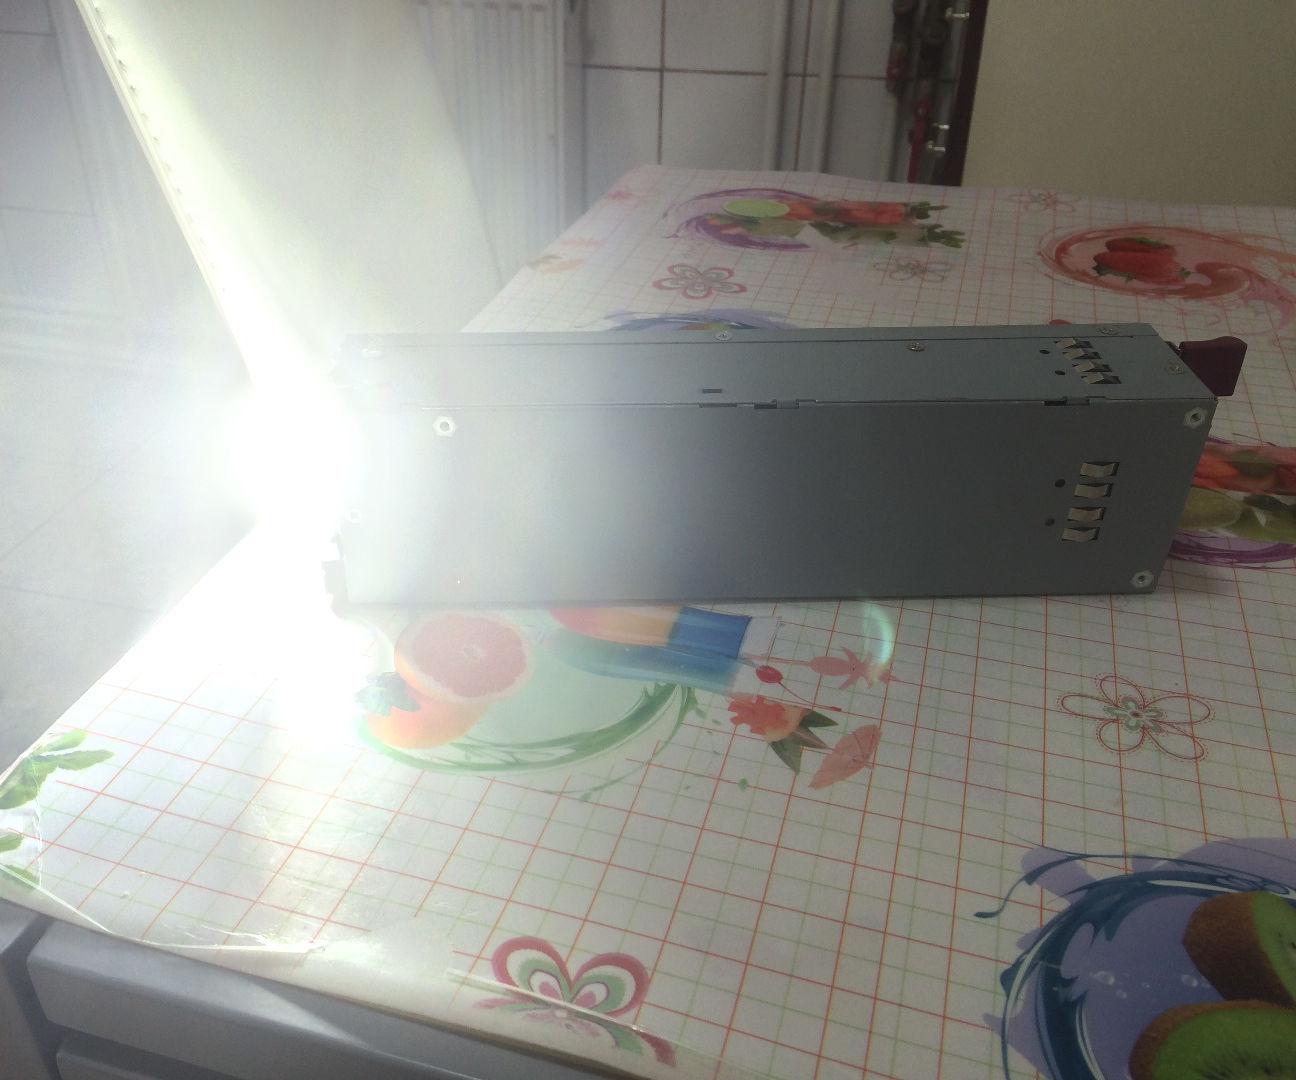 100 W led light